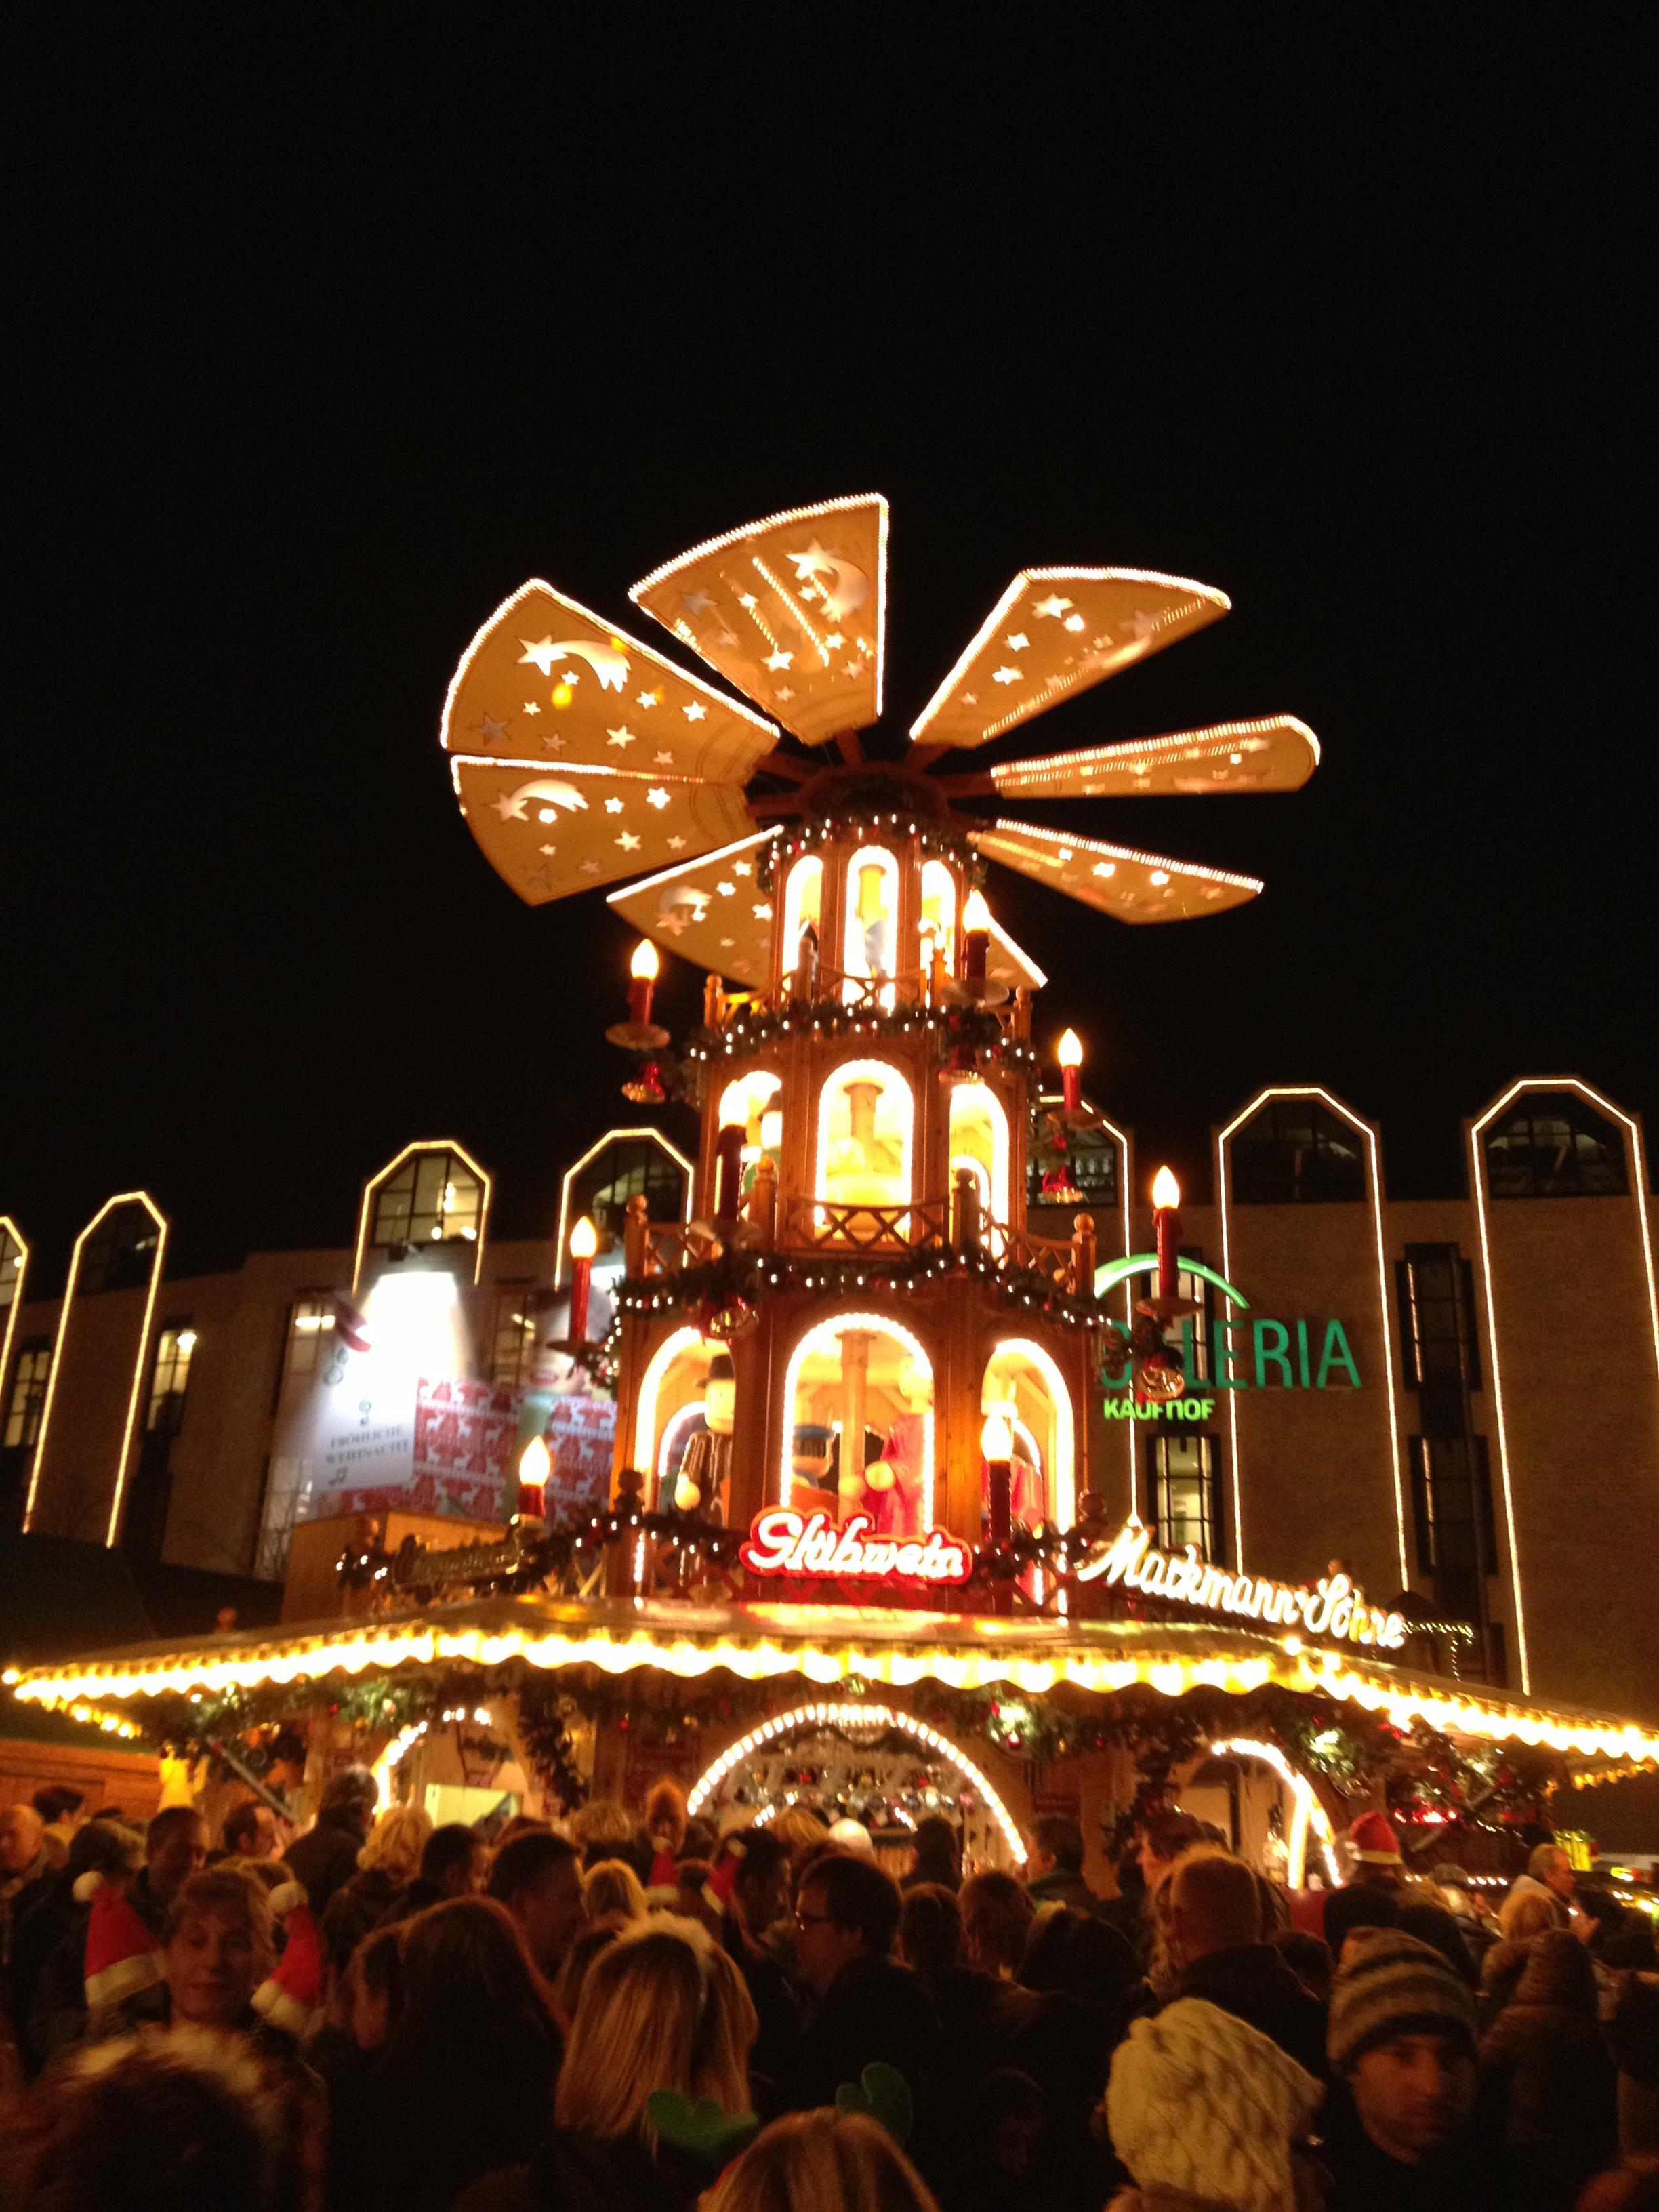 Weihnachtsmarkt Bonn.File Weihnachtsmarkt Bonn Panoramio Jpg Wikimedia Commons